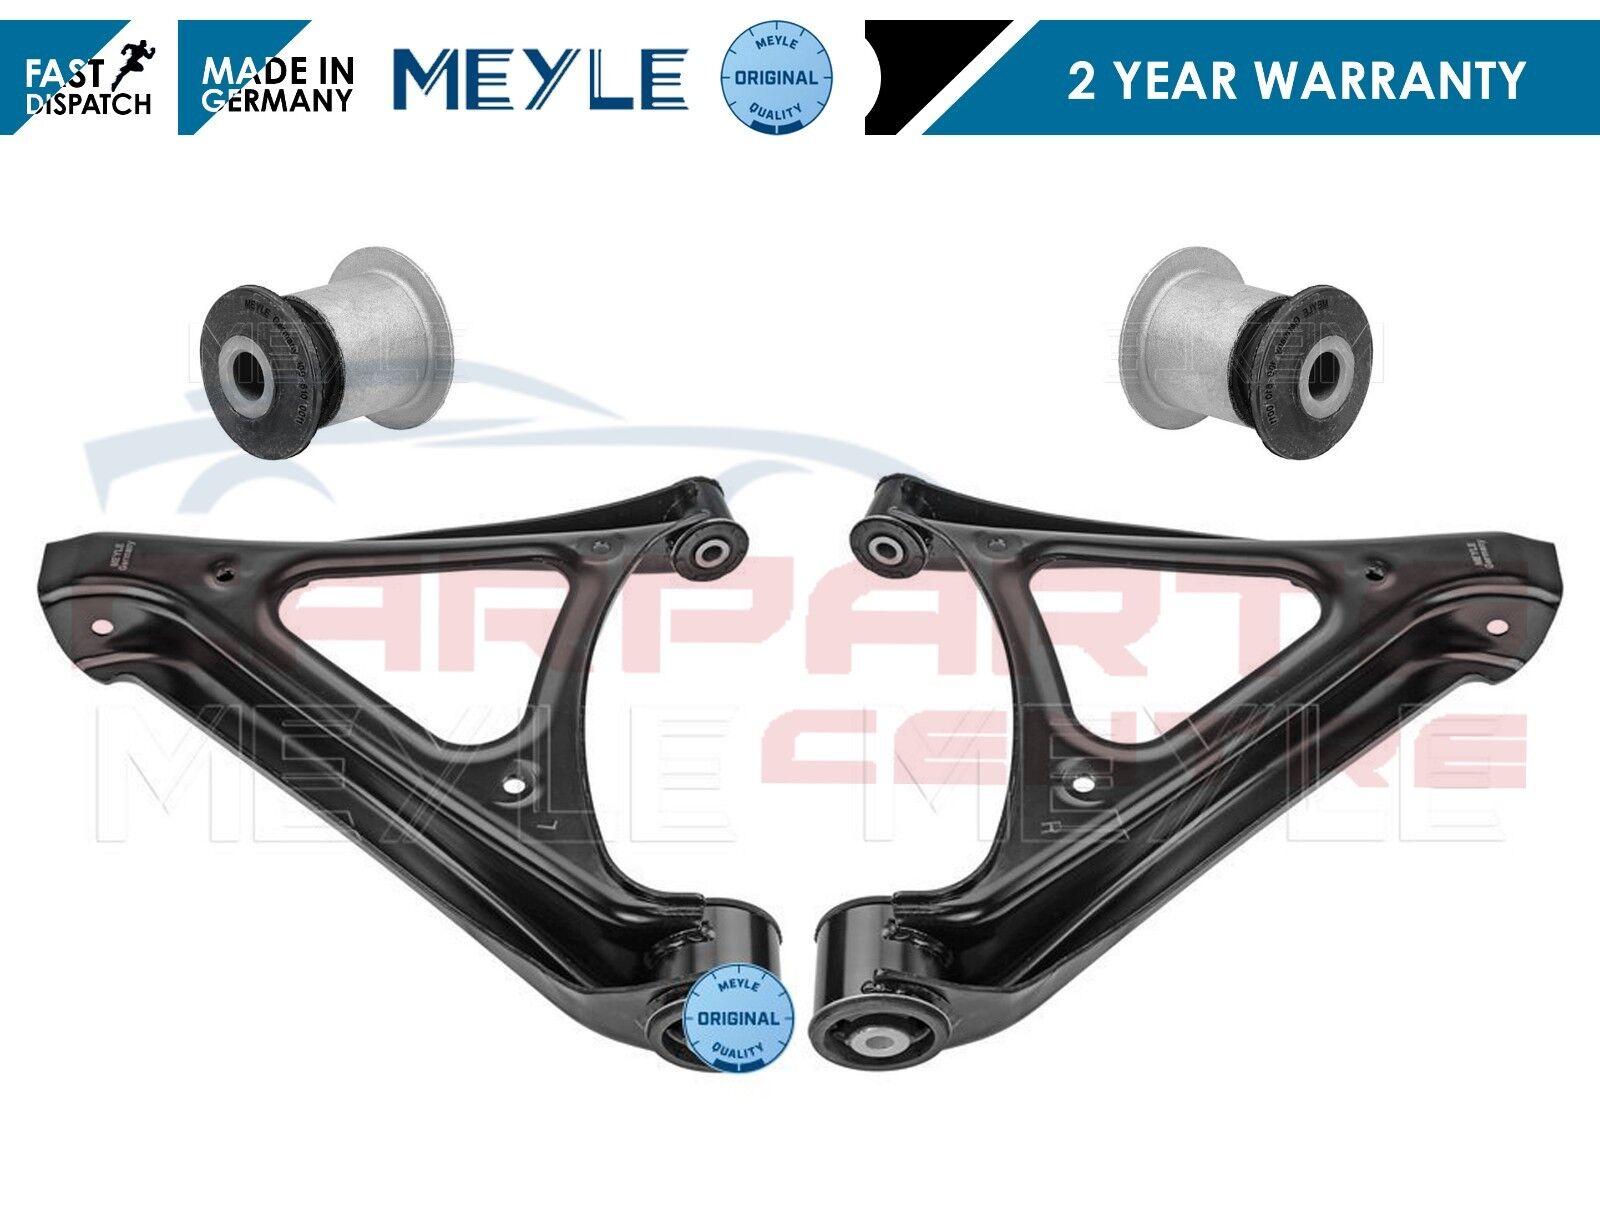 For VW Touareg Audi Q7 Porsche Cayenne Lower Suspension Control Arm Bushing